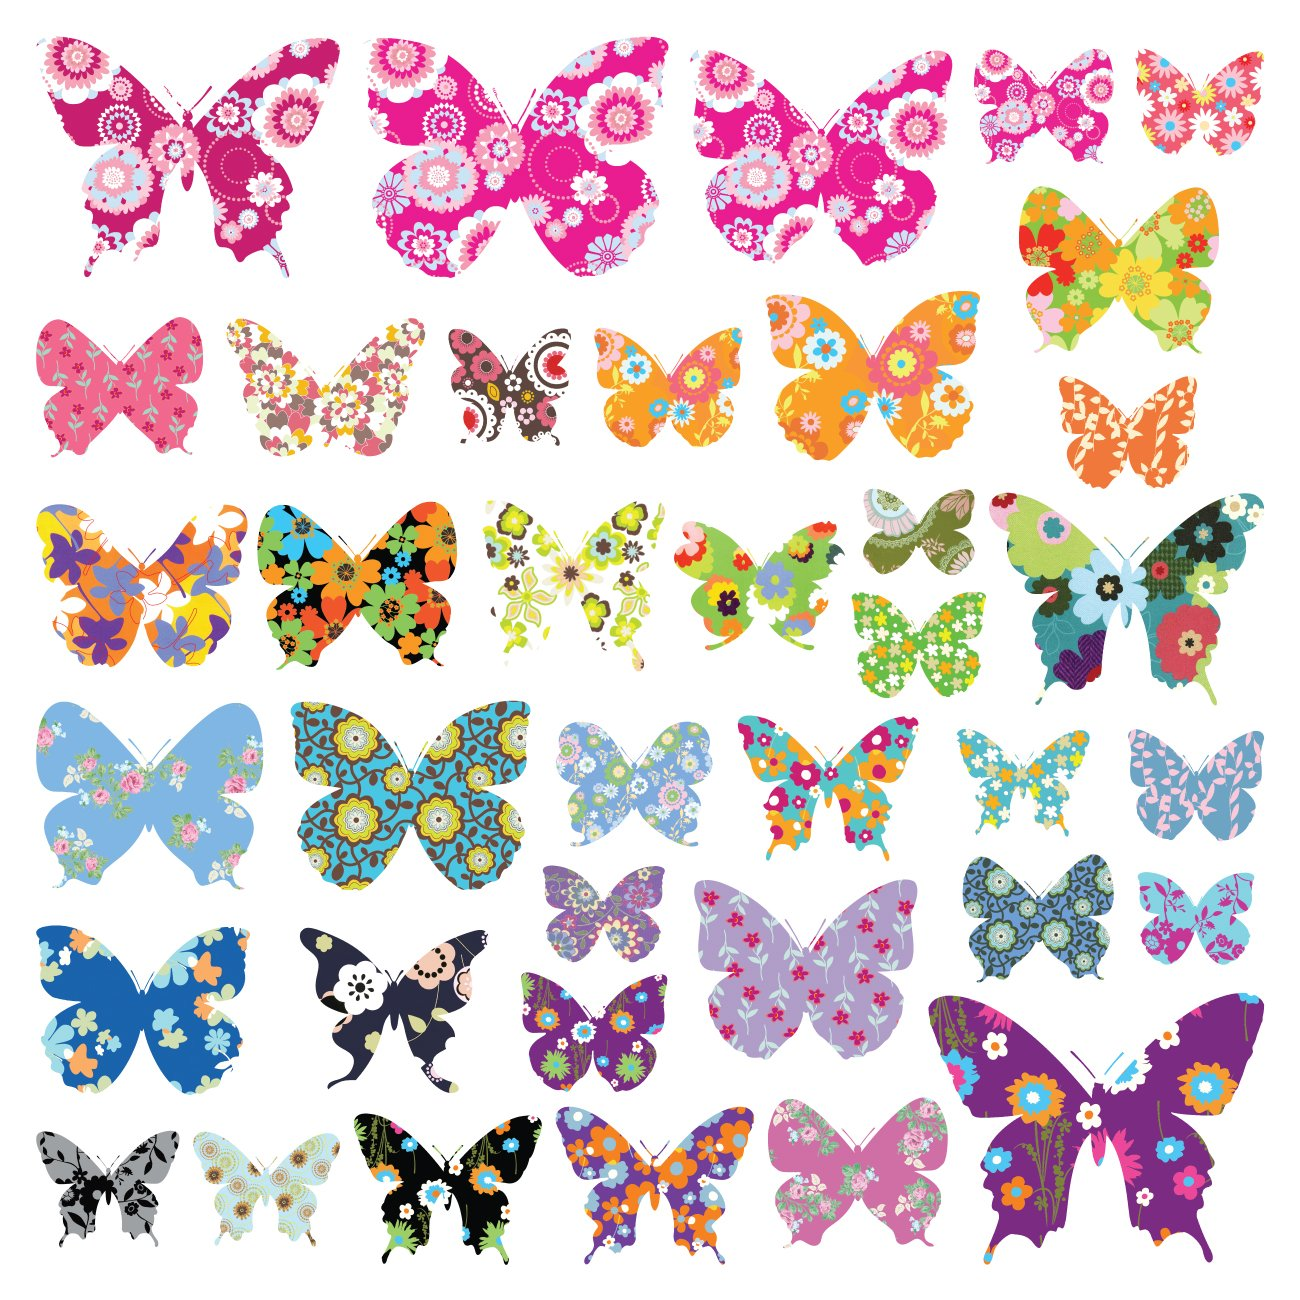 Decowall DW-1201 38 Farbige Schmetterlinge Tiere Wandtattoo Wandsticker Wandaufkleber Wanddeko f/ür Wohnzimmer Schlafzimmer Kinderzimmer